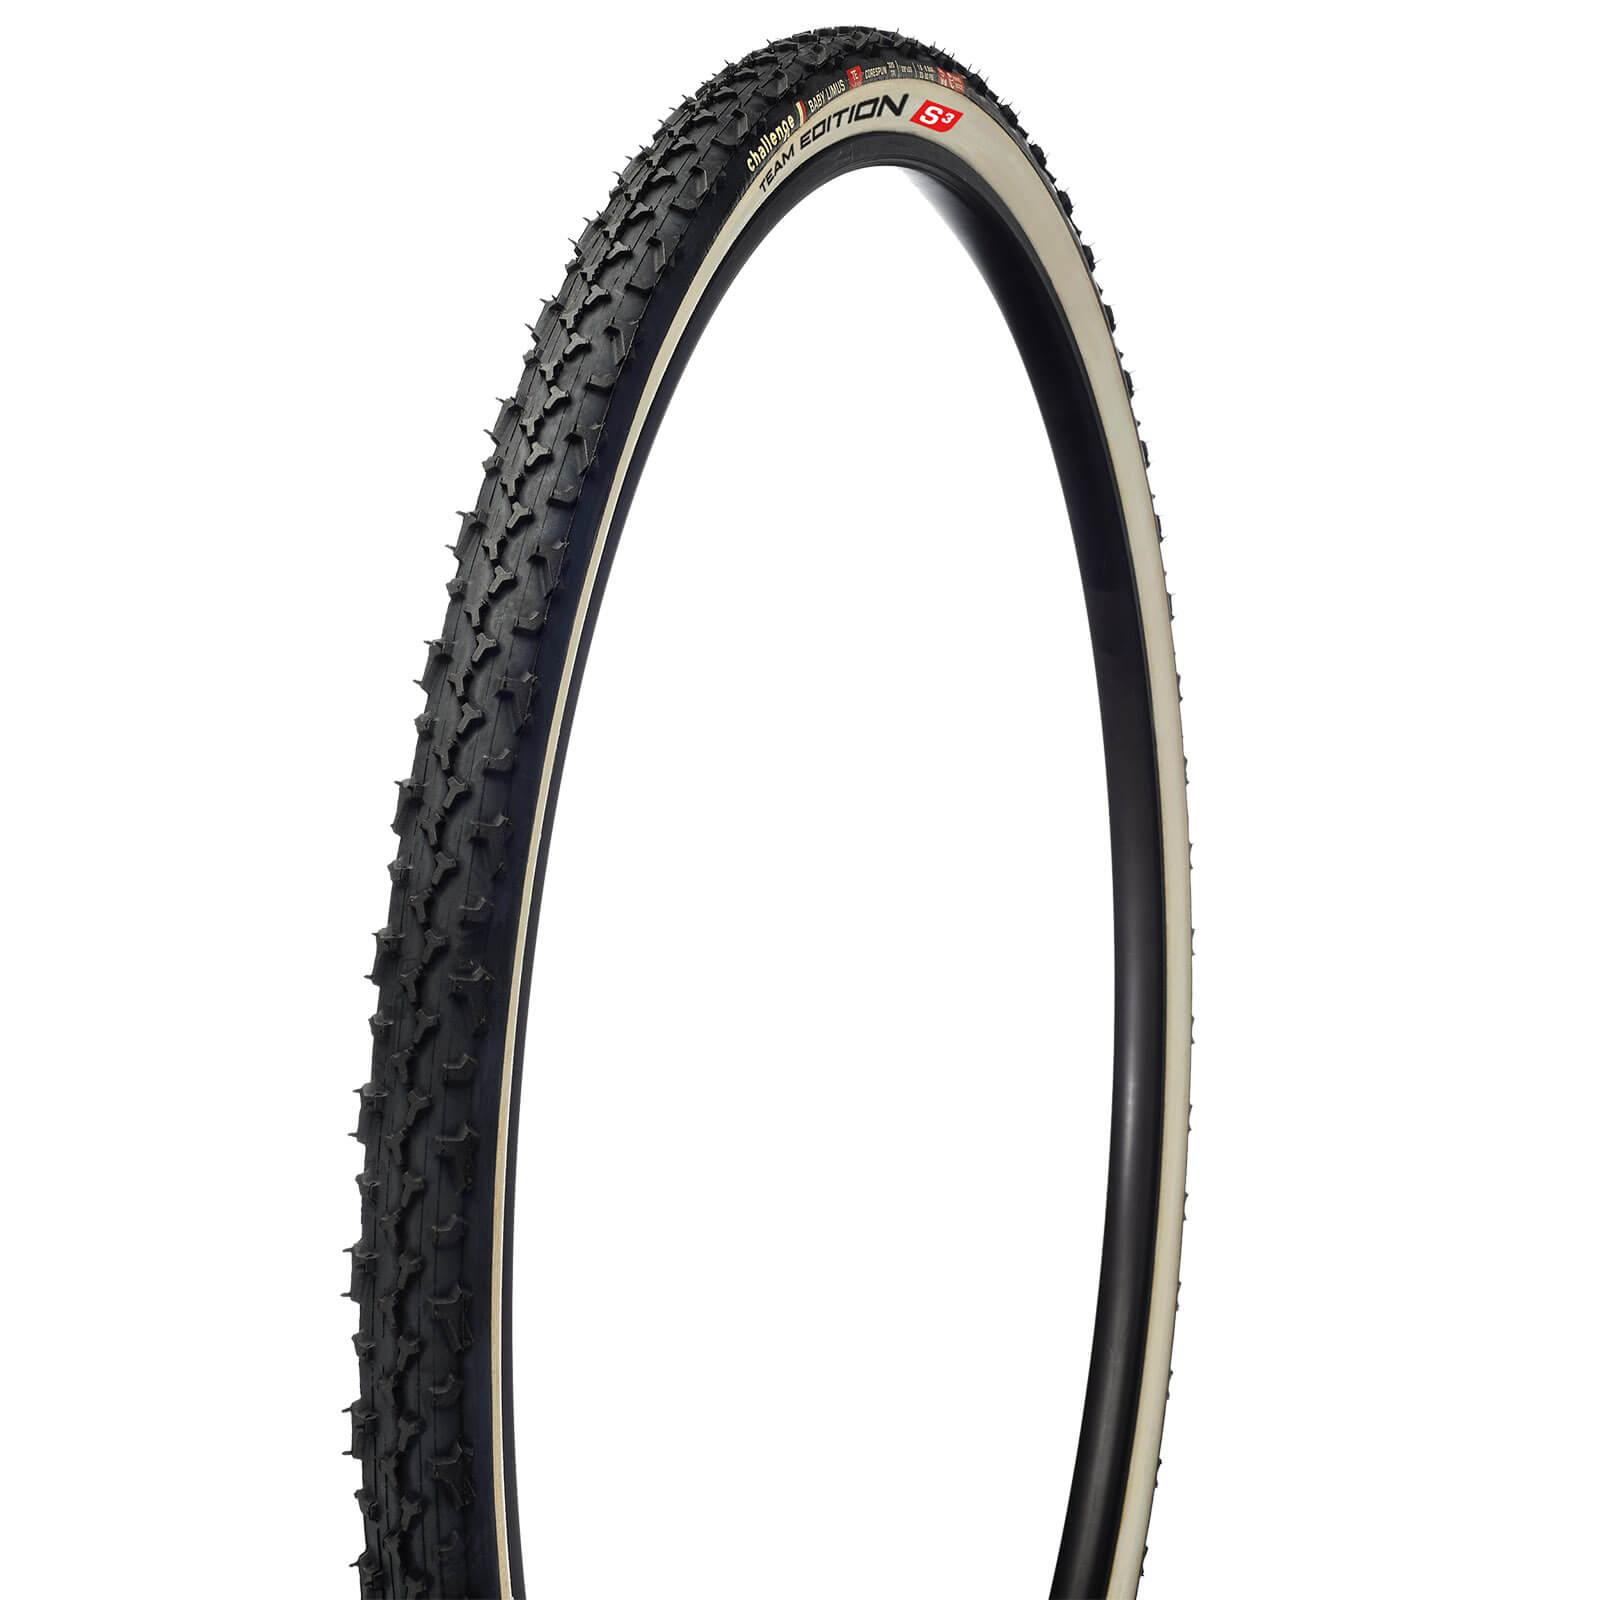 Challenge Baby Limus TE S Handmade Tubular Tire - White - 700 x 33c